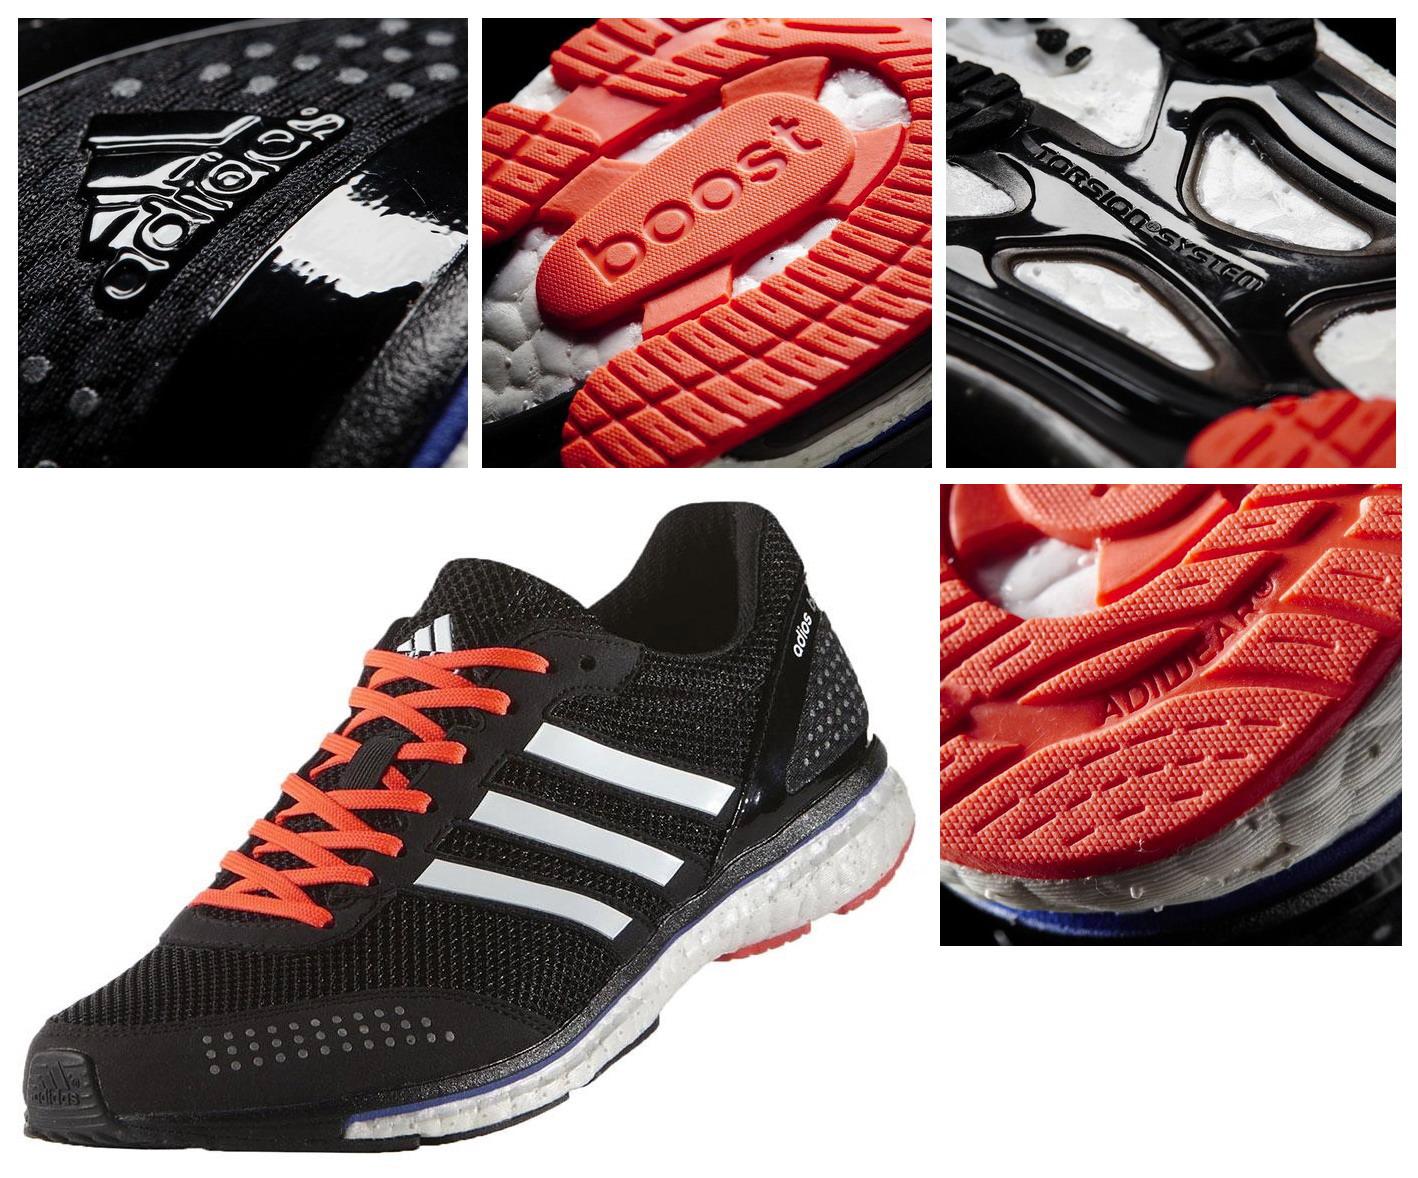 85037b25 Adidas AdiZero Adios Boost 2 buty damskie - 38 - 7593282812 ...